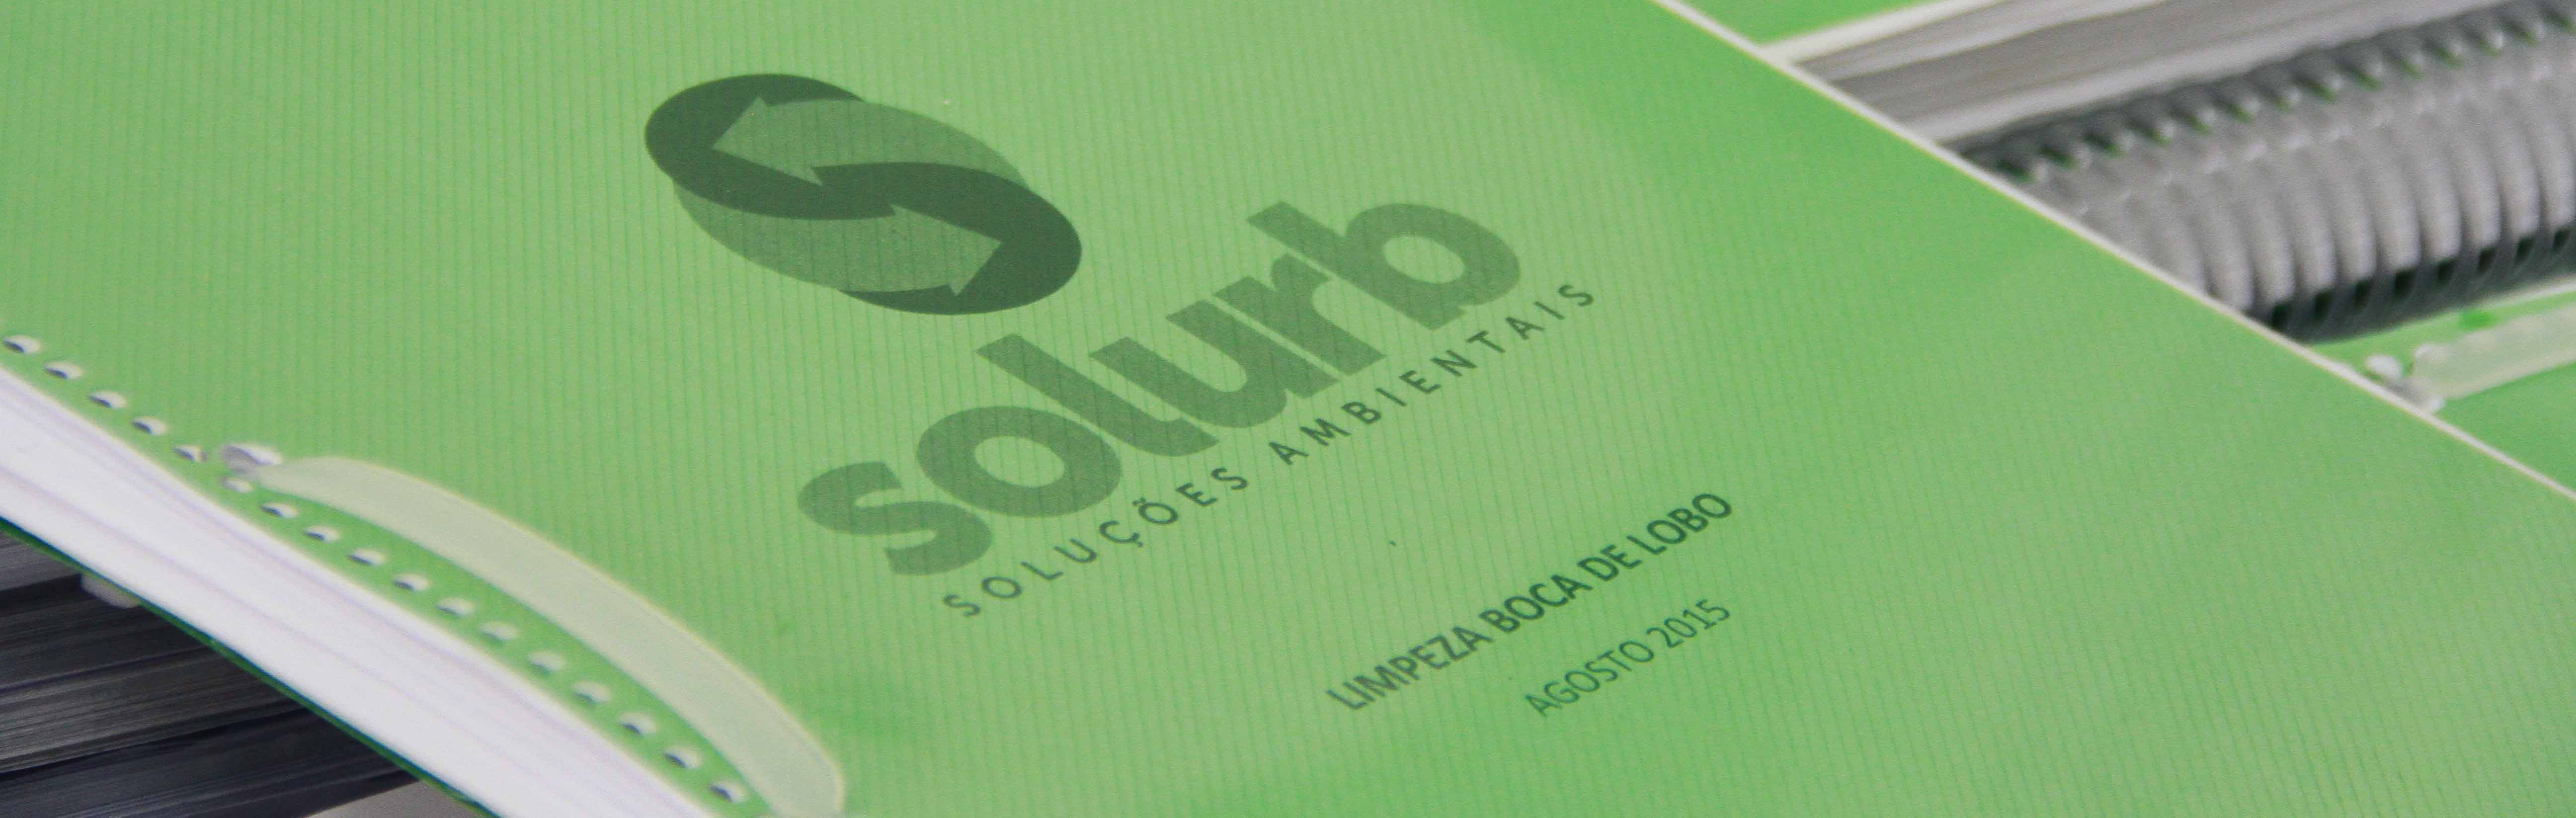 Prefeitura alega ter pago R$ 8 milhões à Solurb por serviços não executados e exige indenização